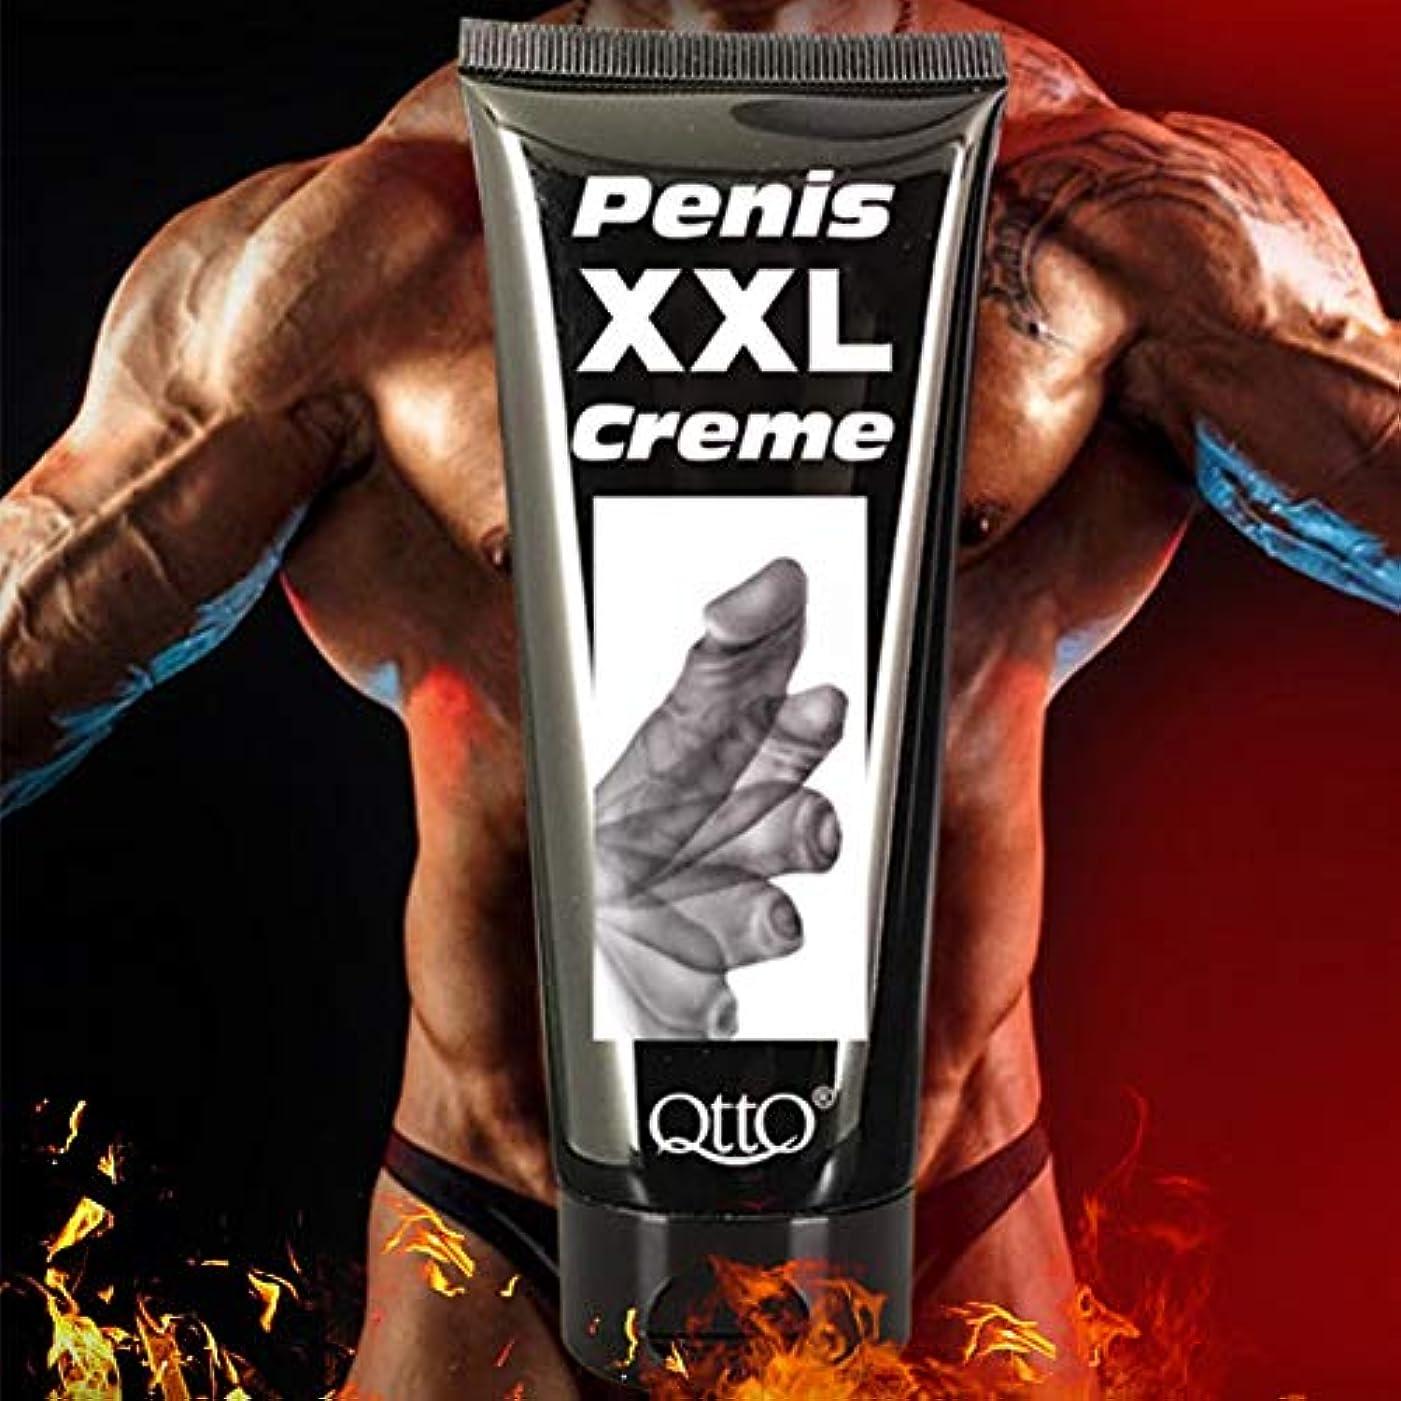 基本的なめったにトラップBalai 男性用 ペニス拡大 クリームビッグディック 濃厚化成長強化パフォーマンス セックス製品